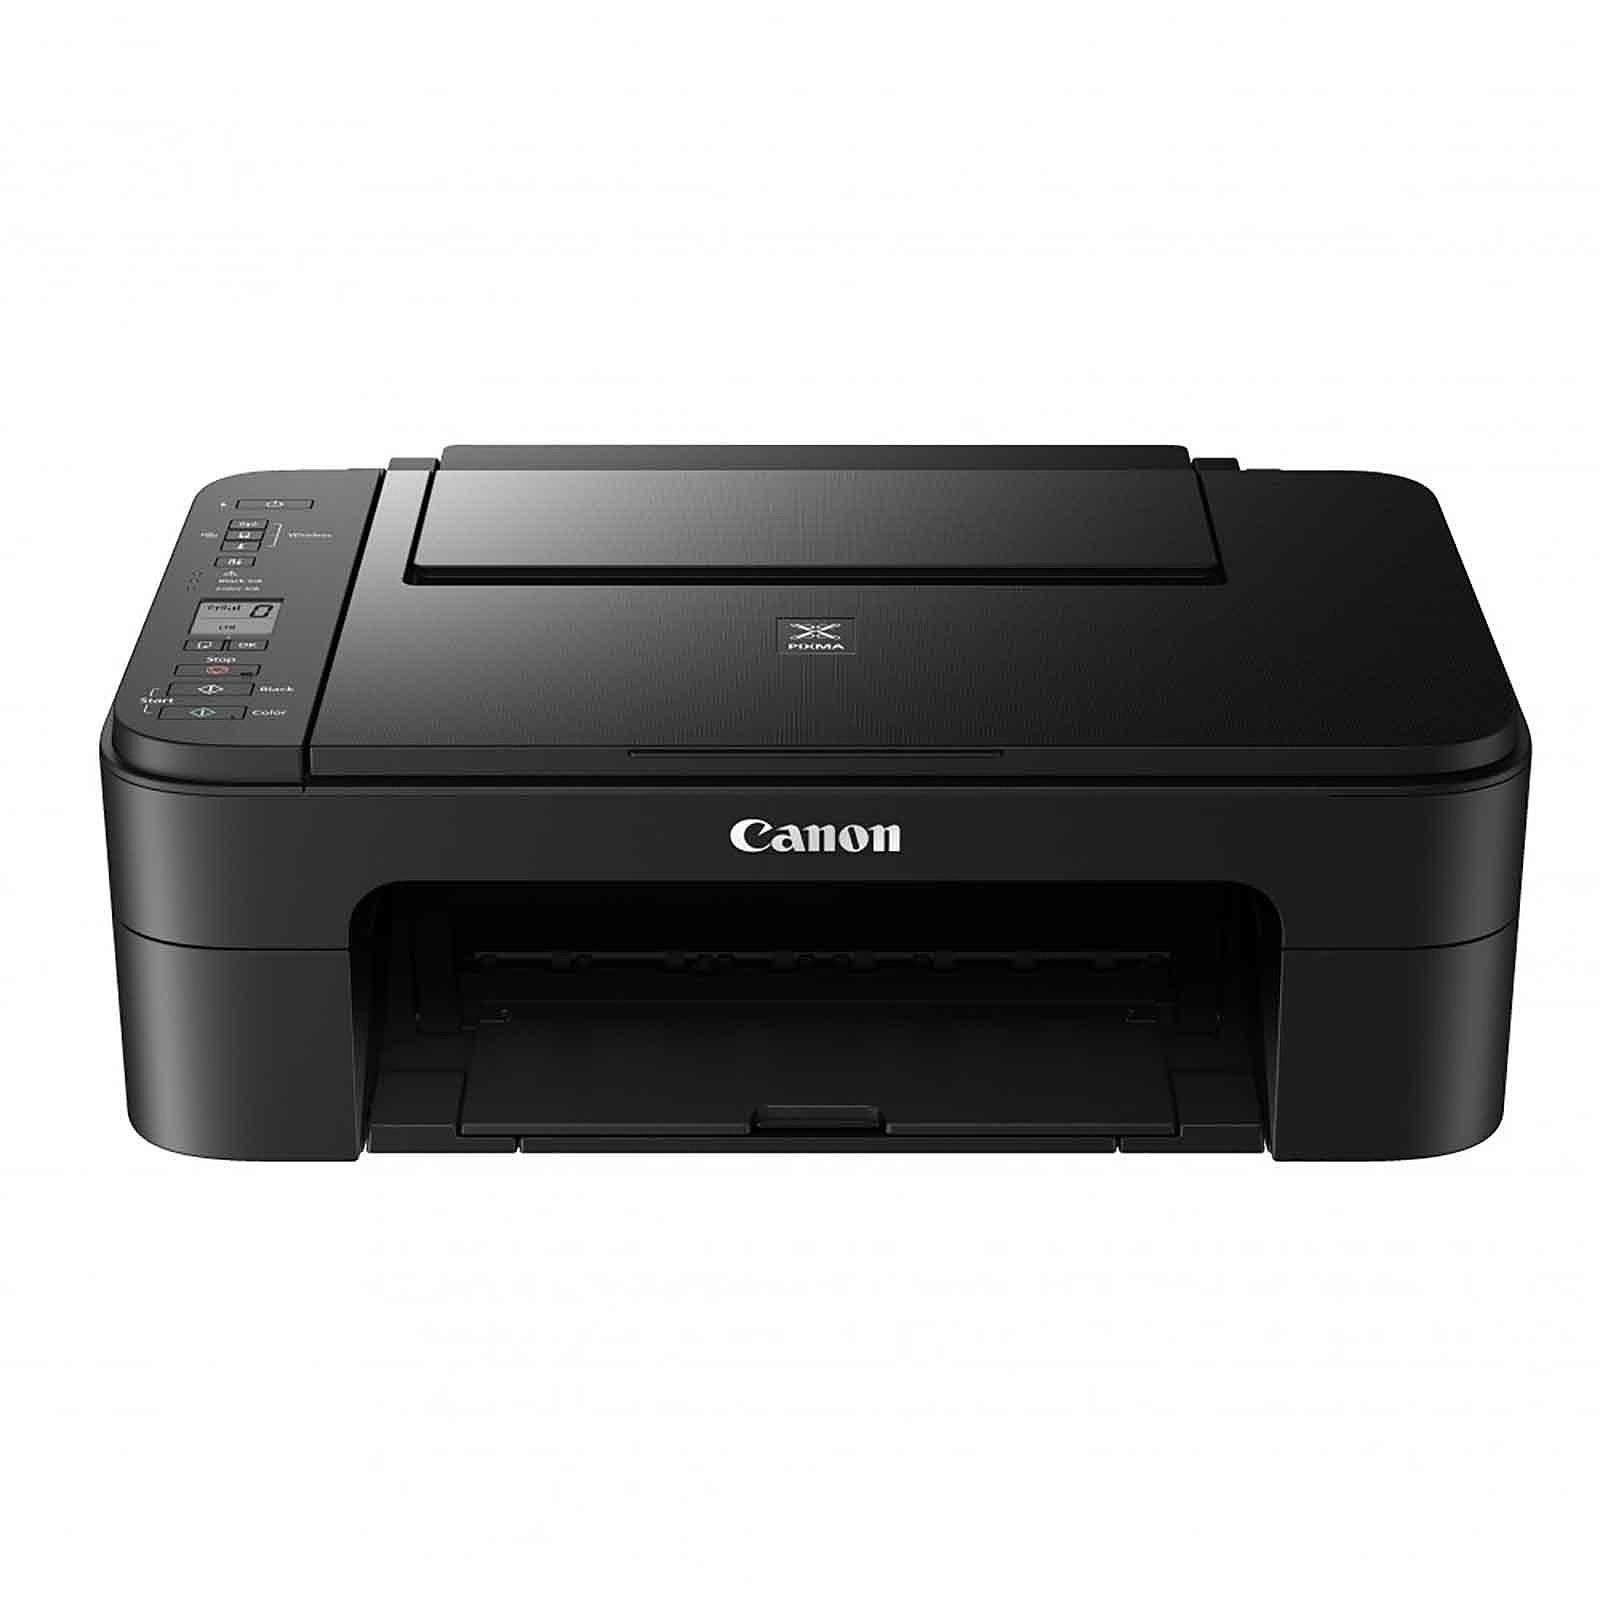 Imprimante multifonction Canon PIXMA TS3350 - Cybertek.fr - 0